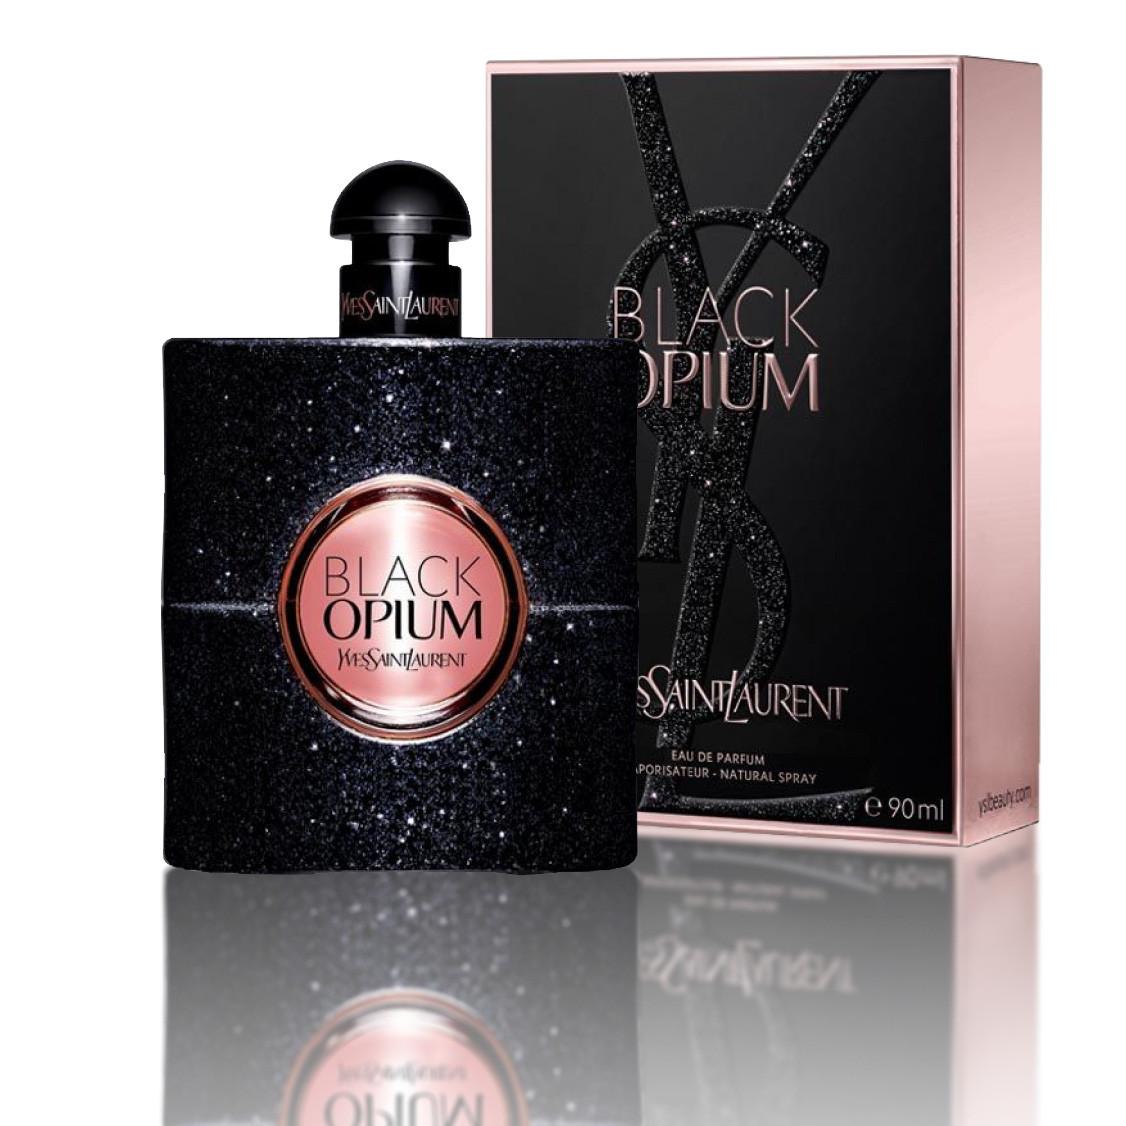 Yves Saint Laurent Black Opium 90 мл Парфюмированная вода (Ив Сен Лоран Блек Опиум)